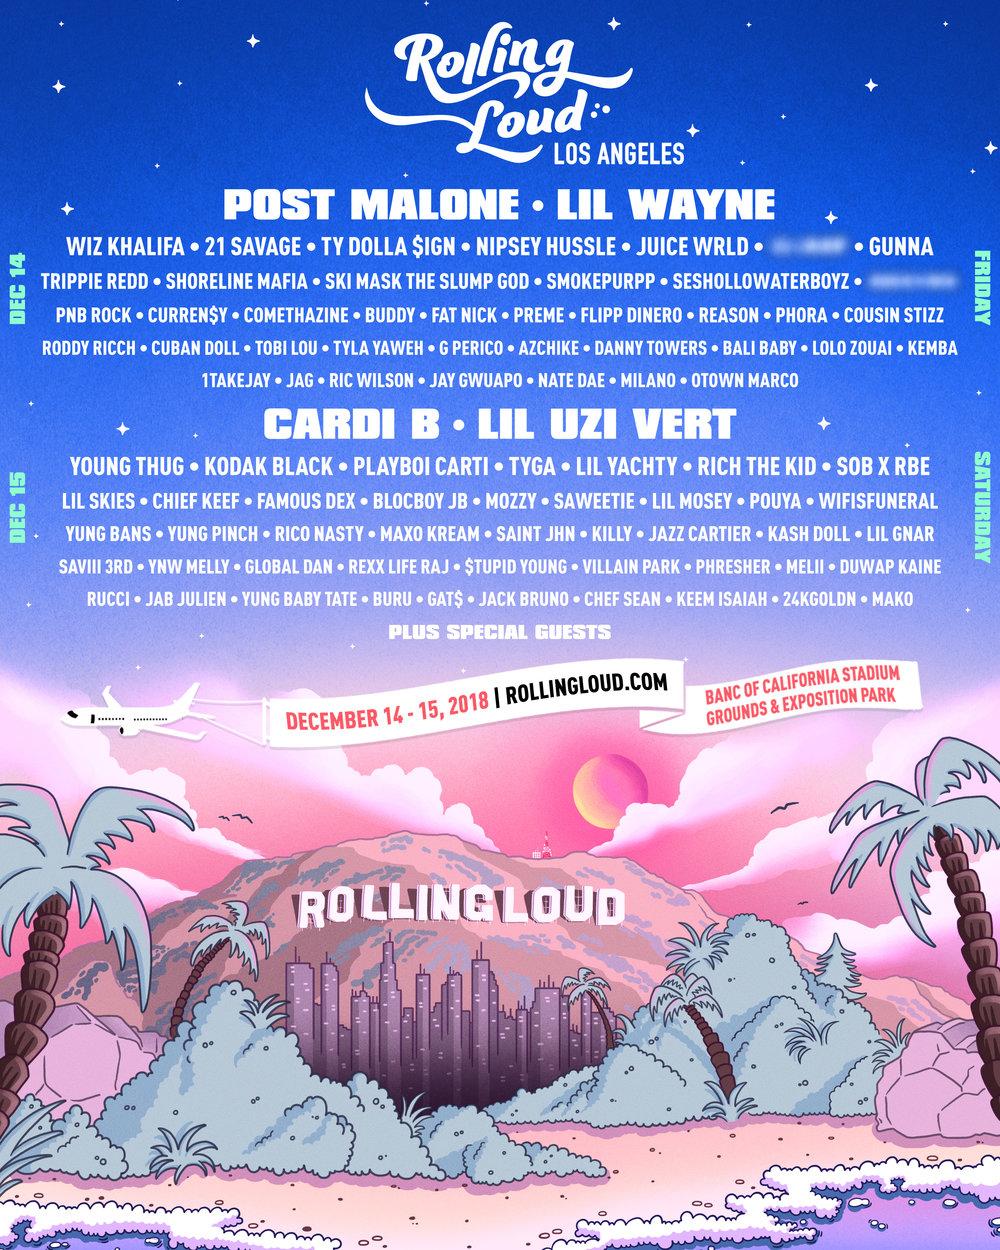 Rolling Loud LA 2018